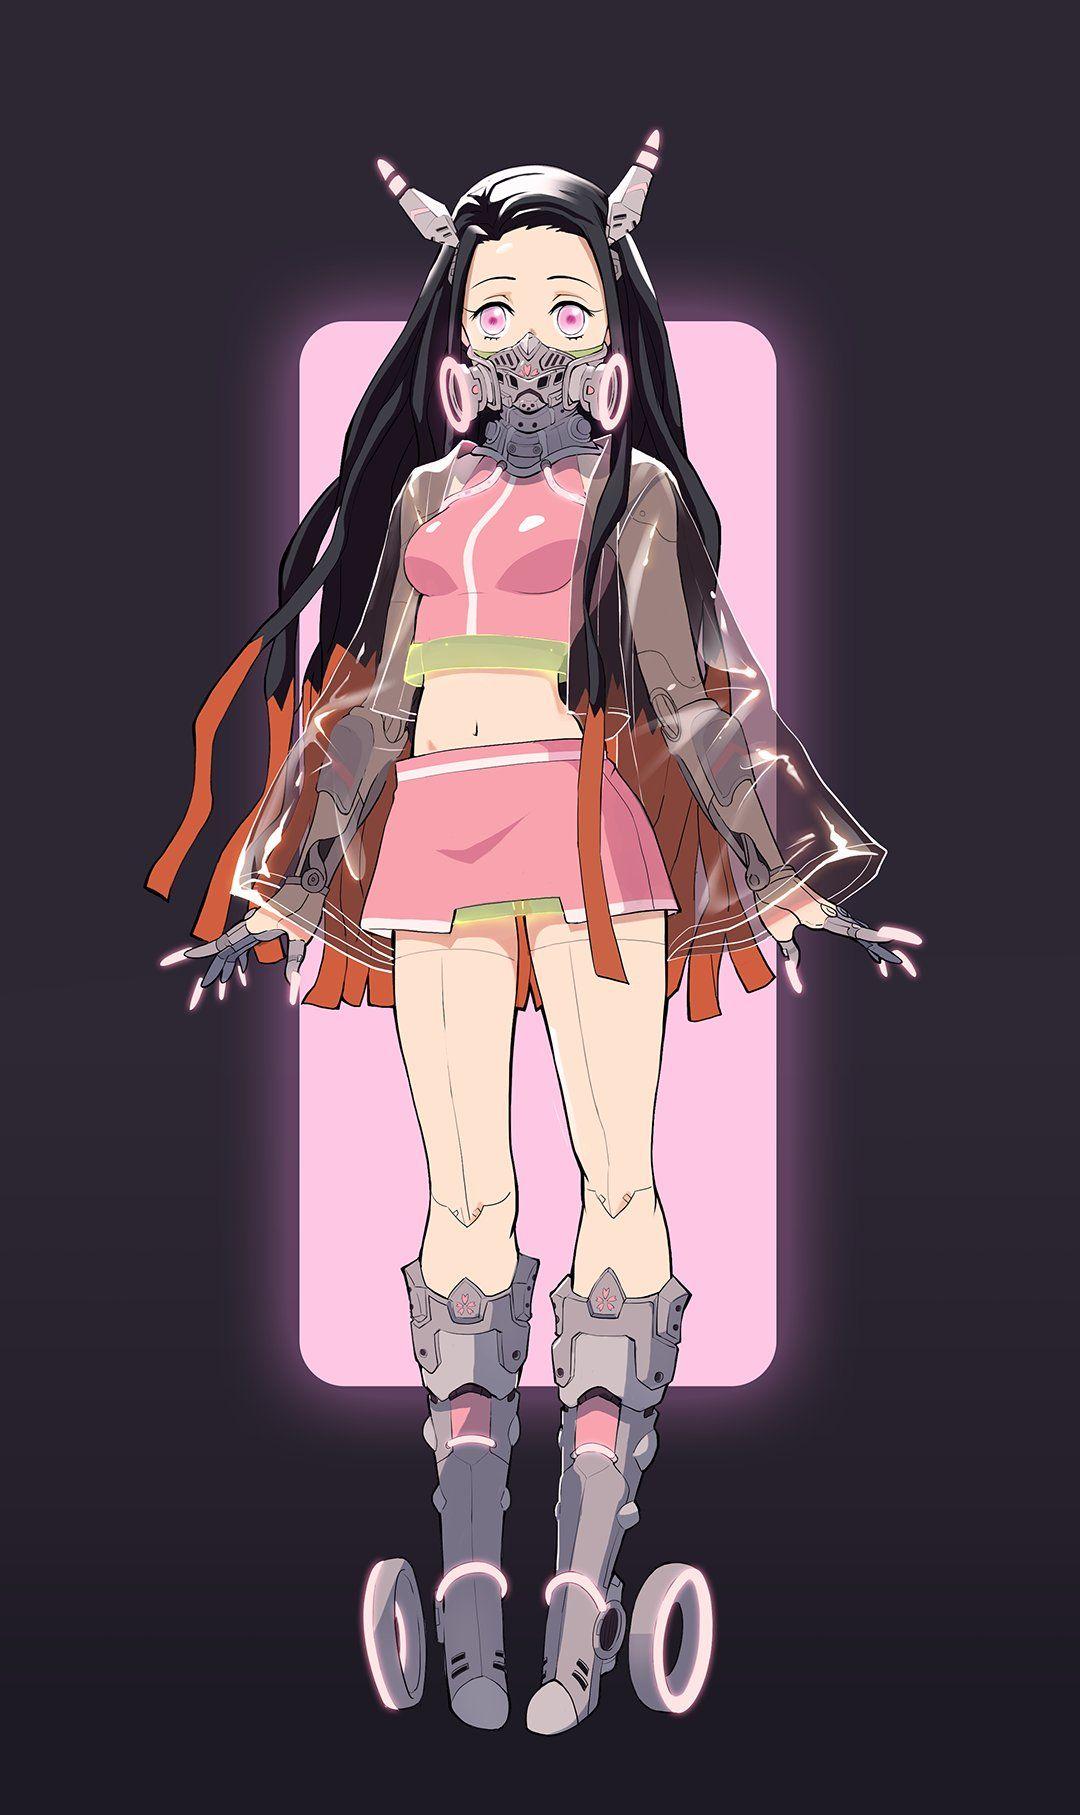 Pink Hair Anime Girl Demon Slayer Characters